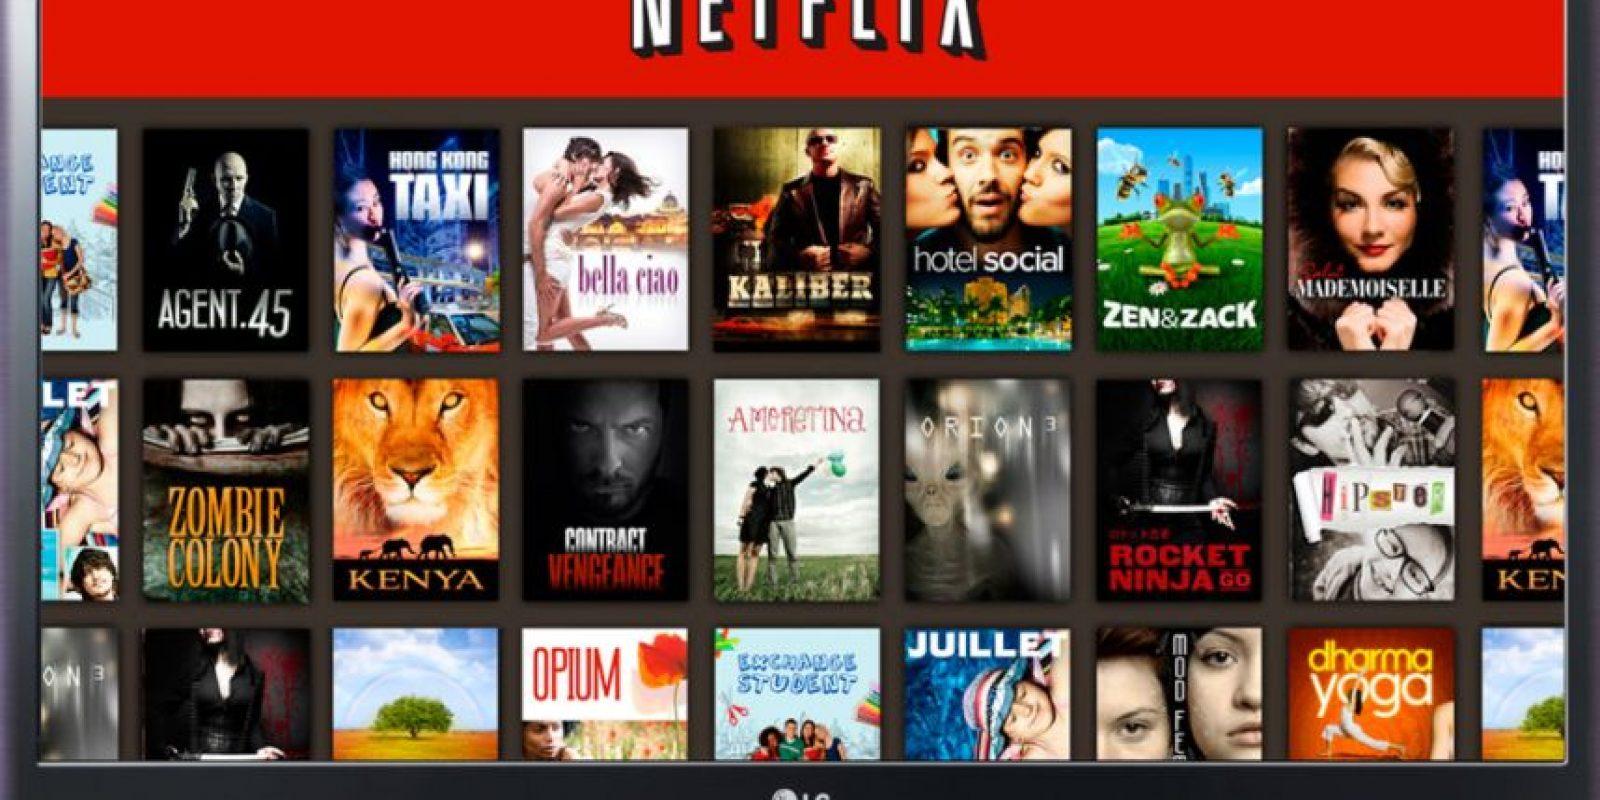 """Netflix se basa más en lo que ven que en lo que puntean. Si ven cosas como """"White Chicks"""" pero califican favorablemente el cine arte, igual les pondrán recomendaciones parecidas a las de los hermanos Wayans. Foto:Netflix"""